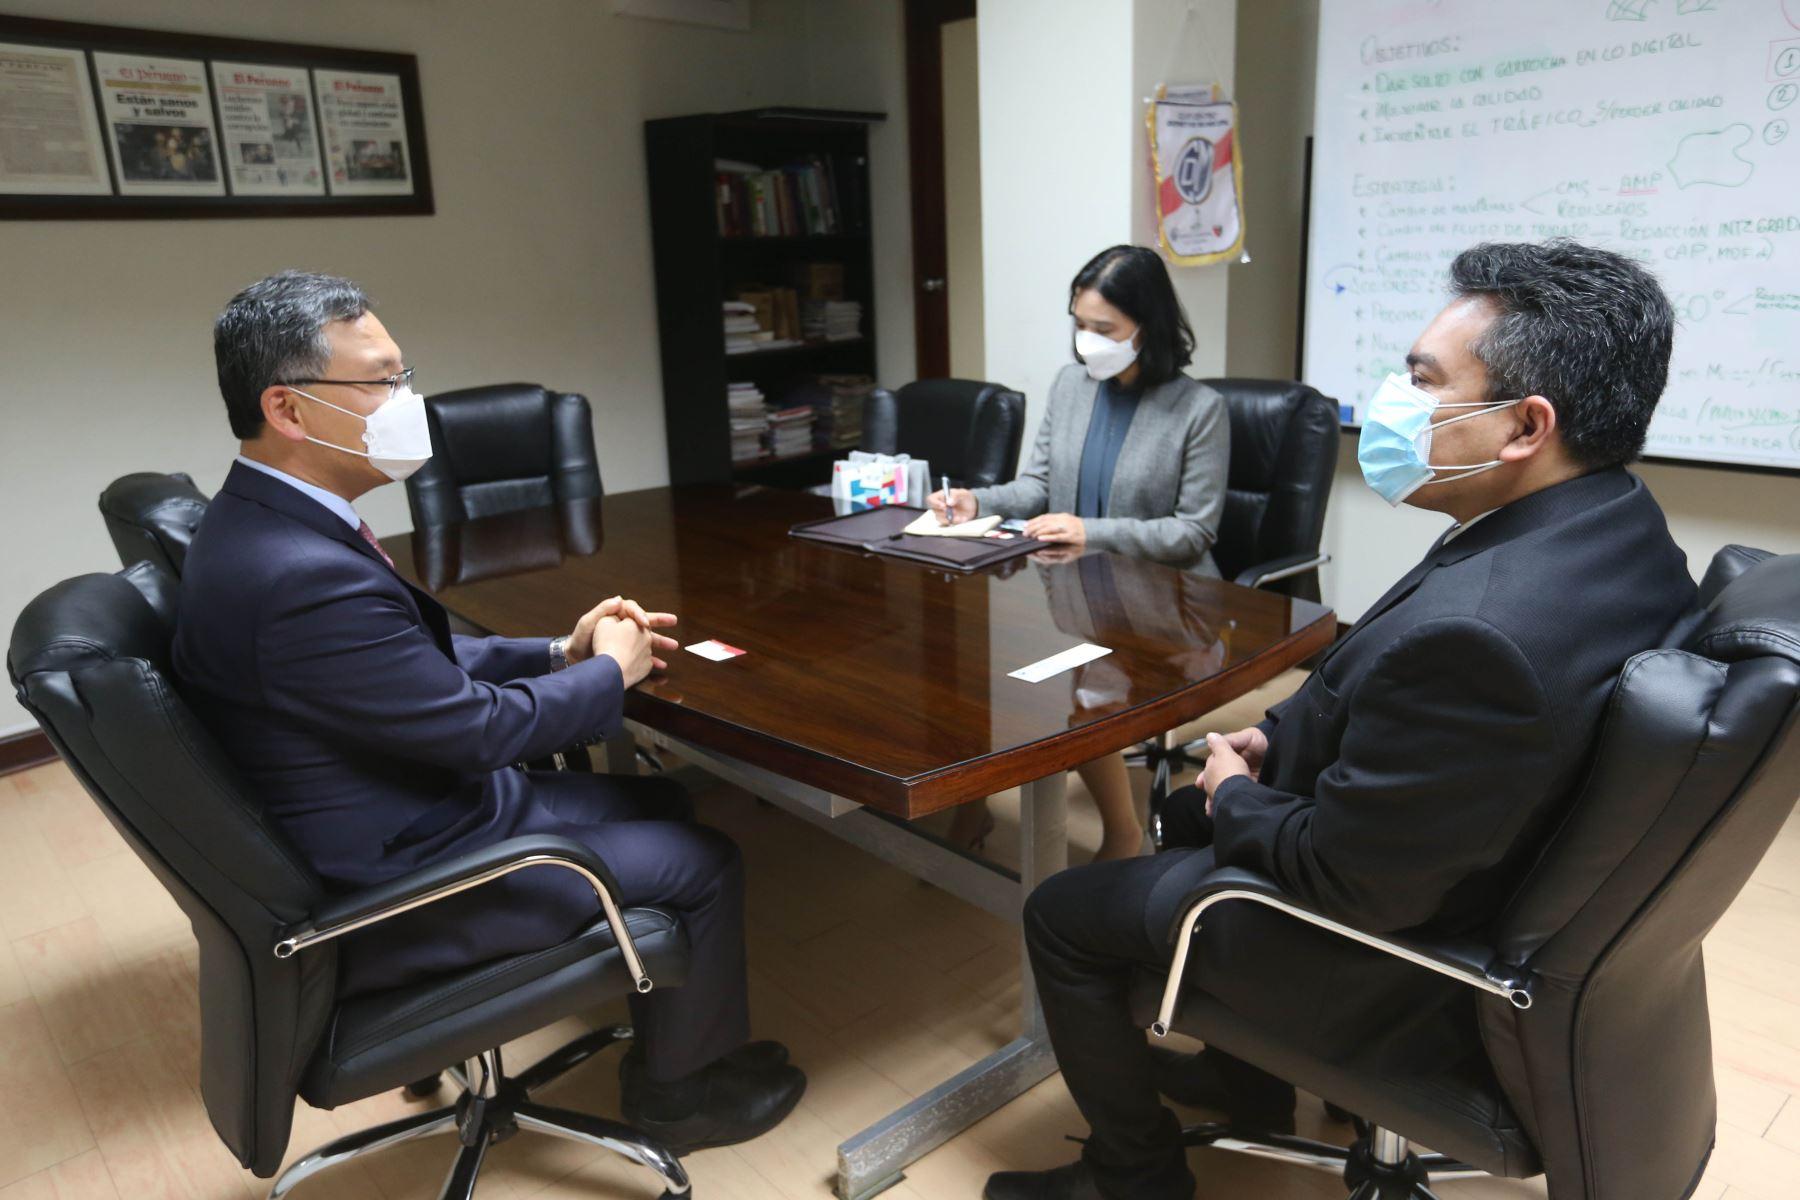 Embajador de Corea del Sur, Yungjoon JO, lleva a cabo una visita protocolar a las instalaciones de Editora Perú y se reúne con el gerente general y director de Medios Periodísticos, Félix Paz.